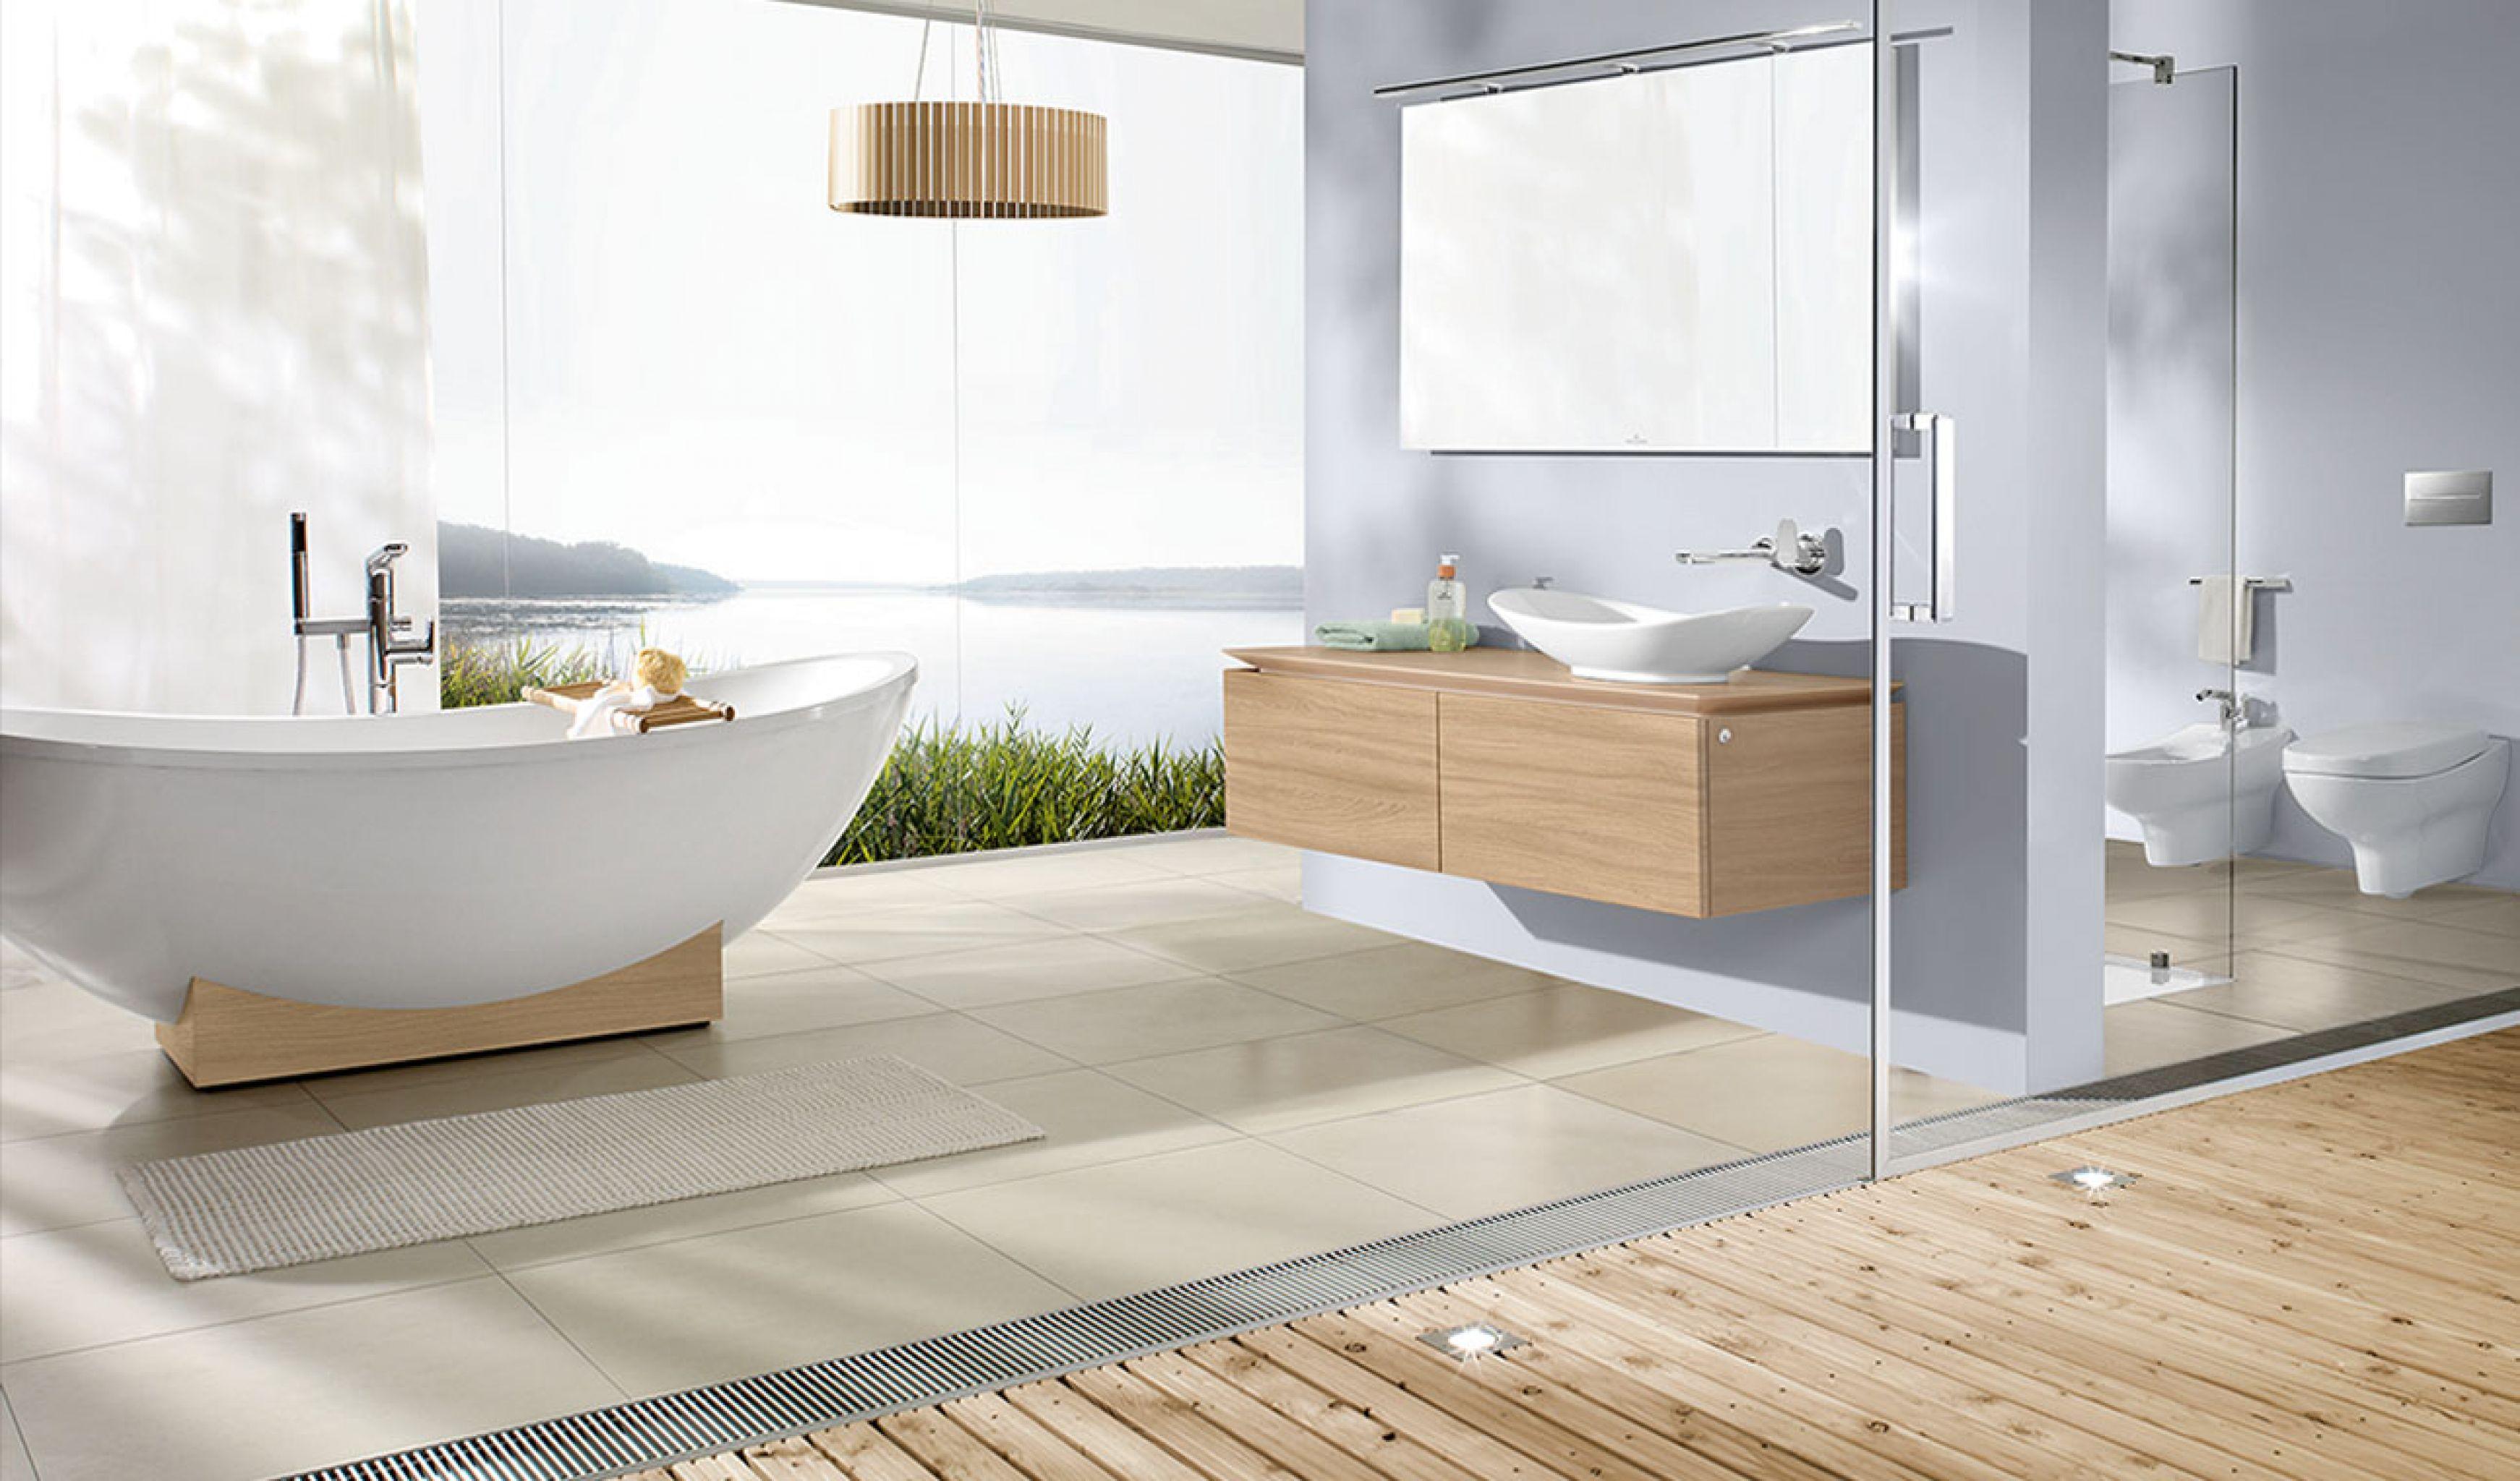 precioso baño decorado en blanco con suelo de parquet y baldosas en beige, bañera exenta de diseño